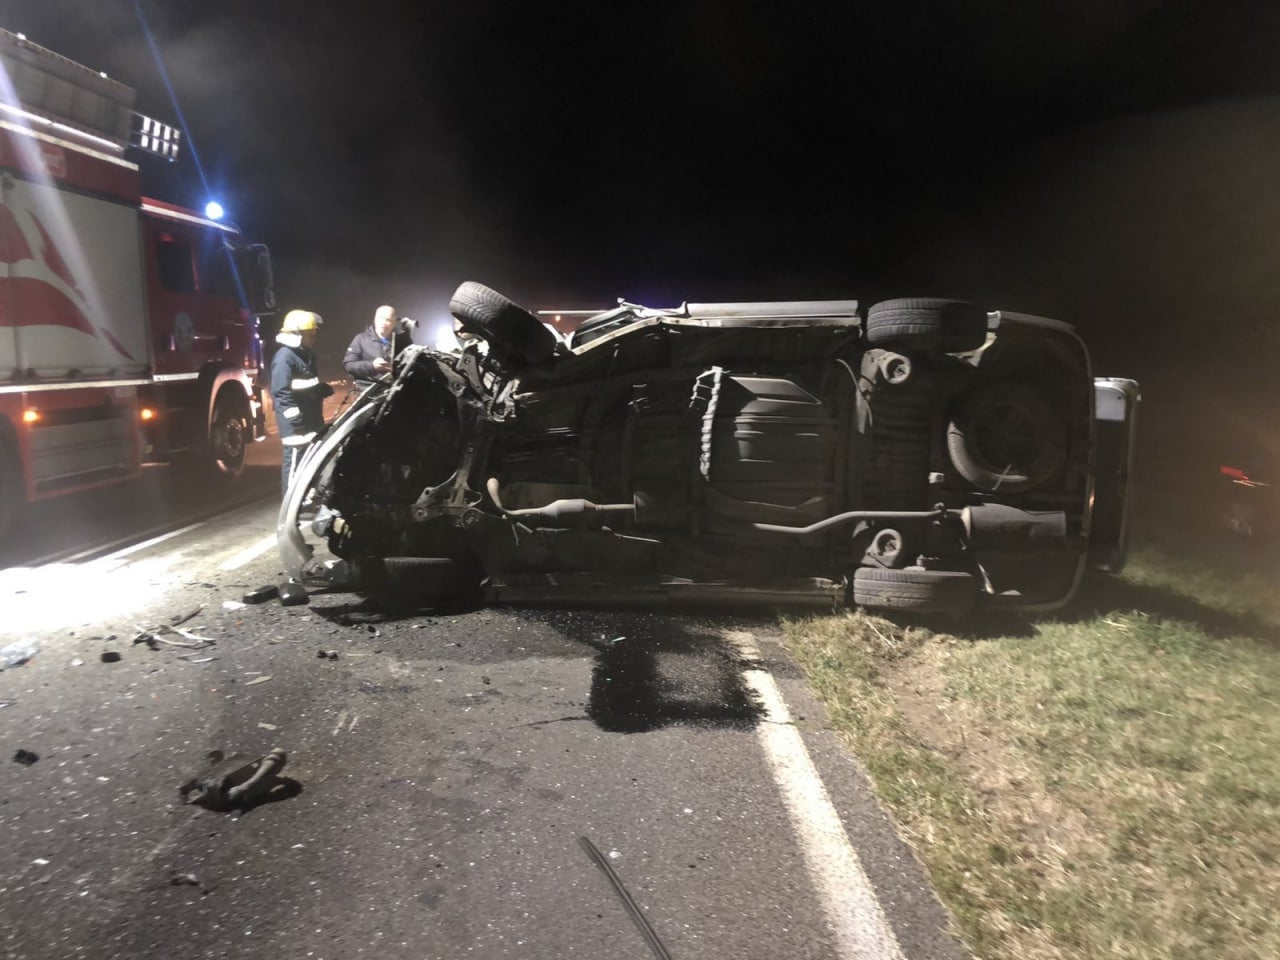 ВШтефан-Водэ произошла авария сучастием трех автомобилей. Виновным вДТП может быть пограничник